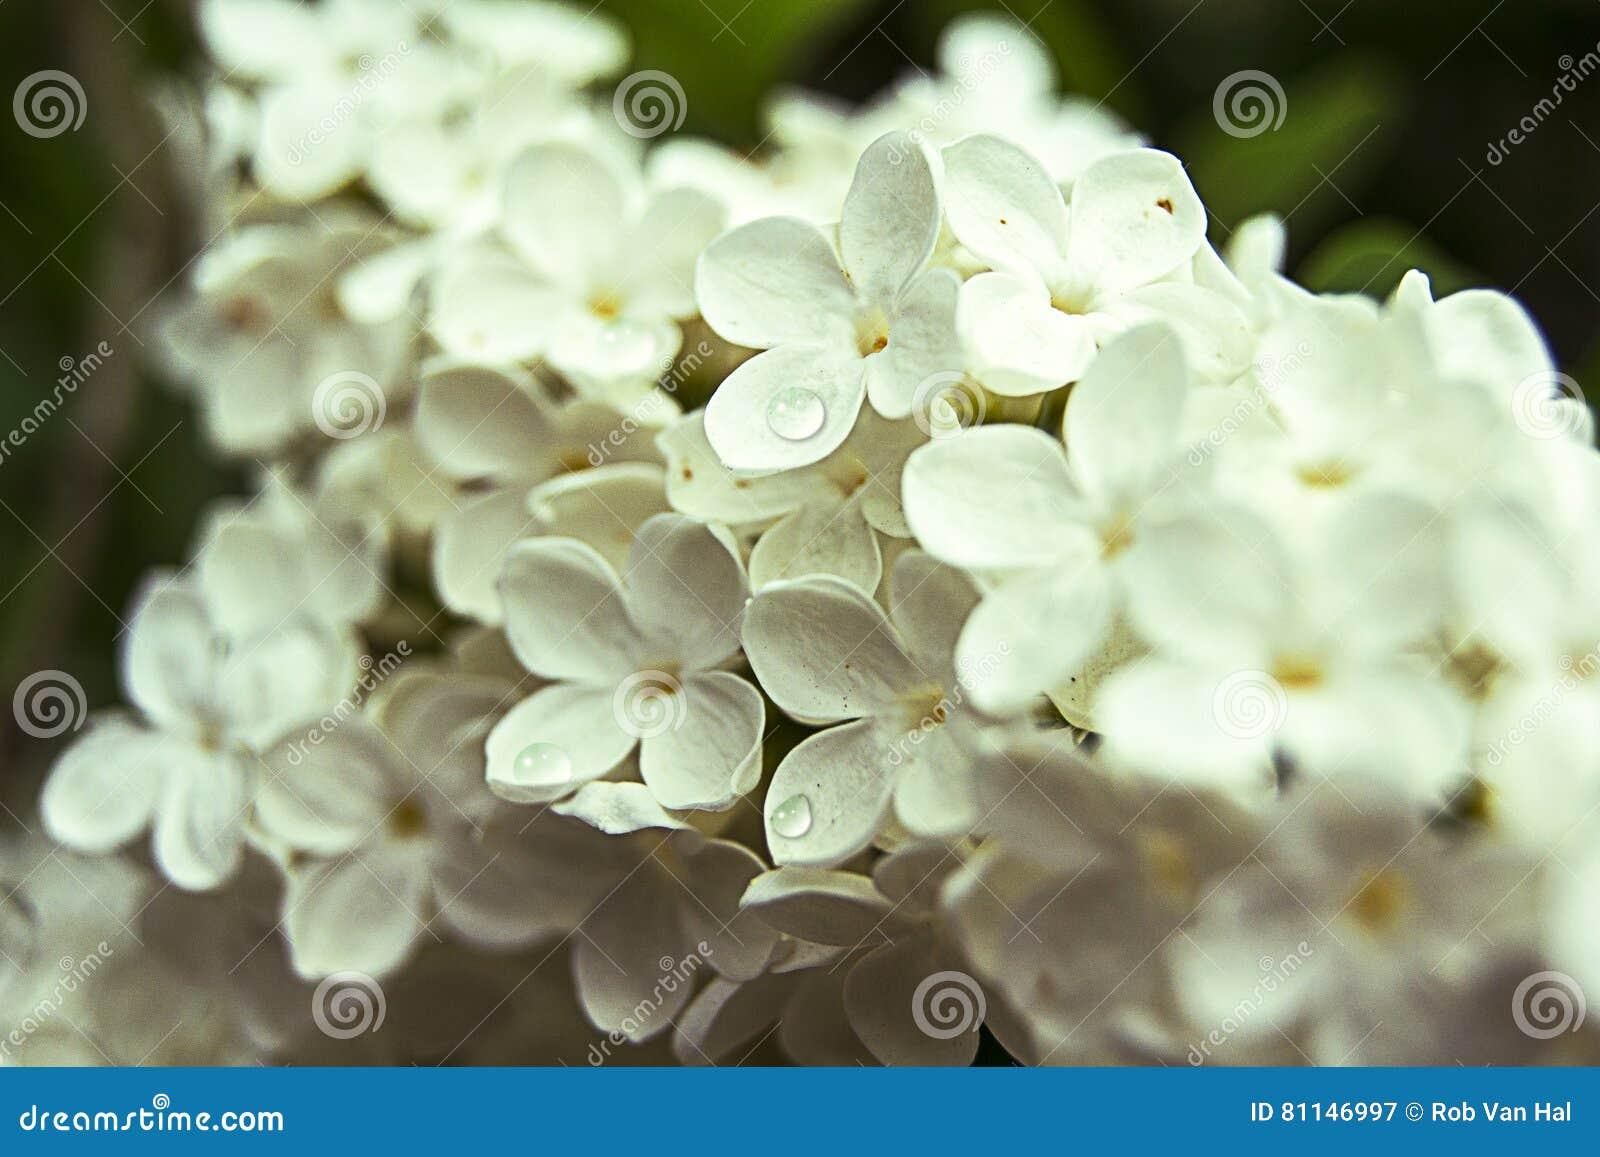 Kleine weiße Blüte